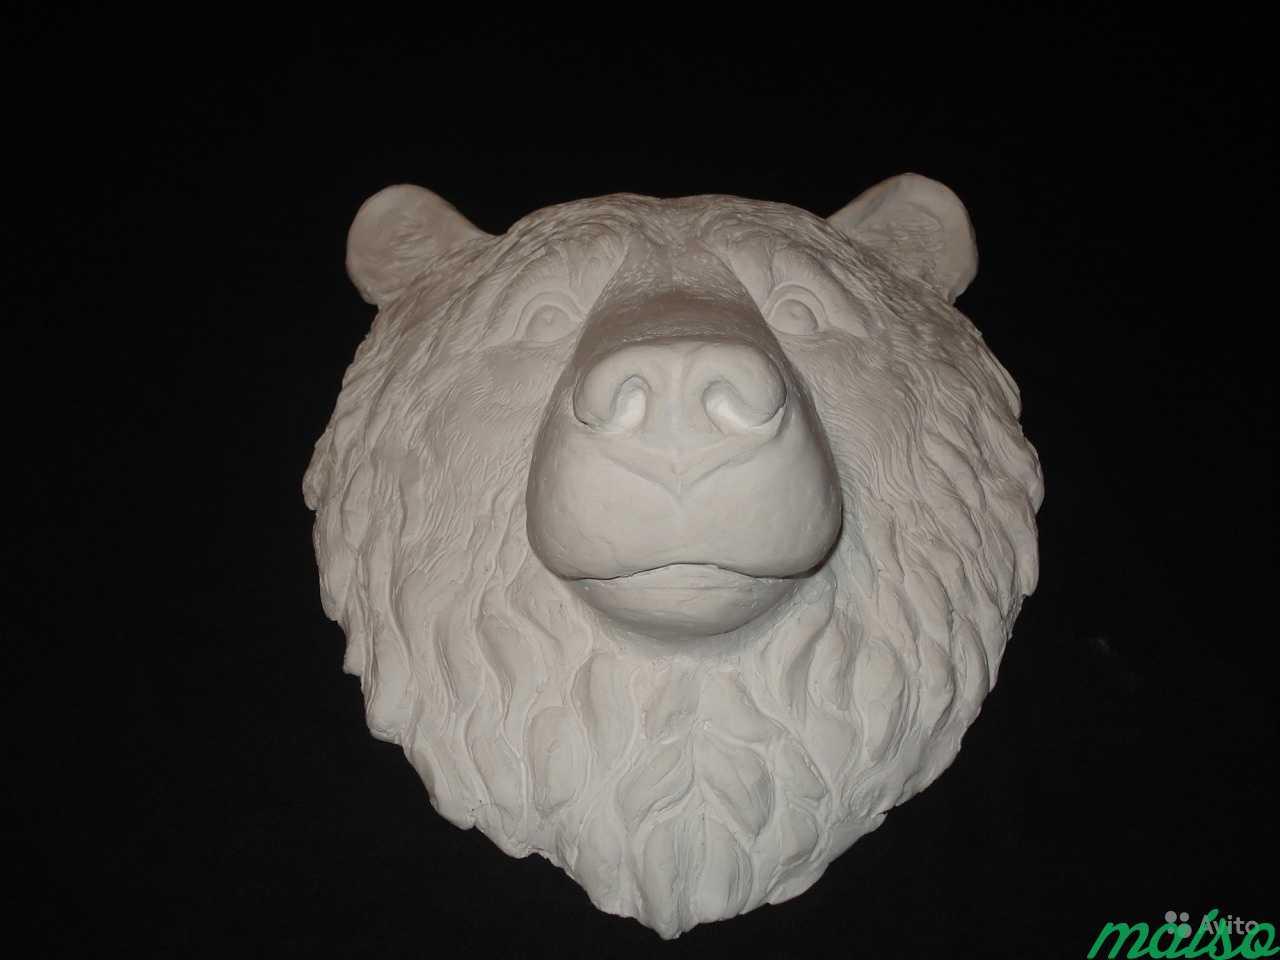 Барельеф Голова медведя в Москве. Фото 2